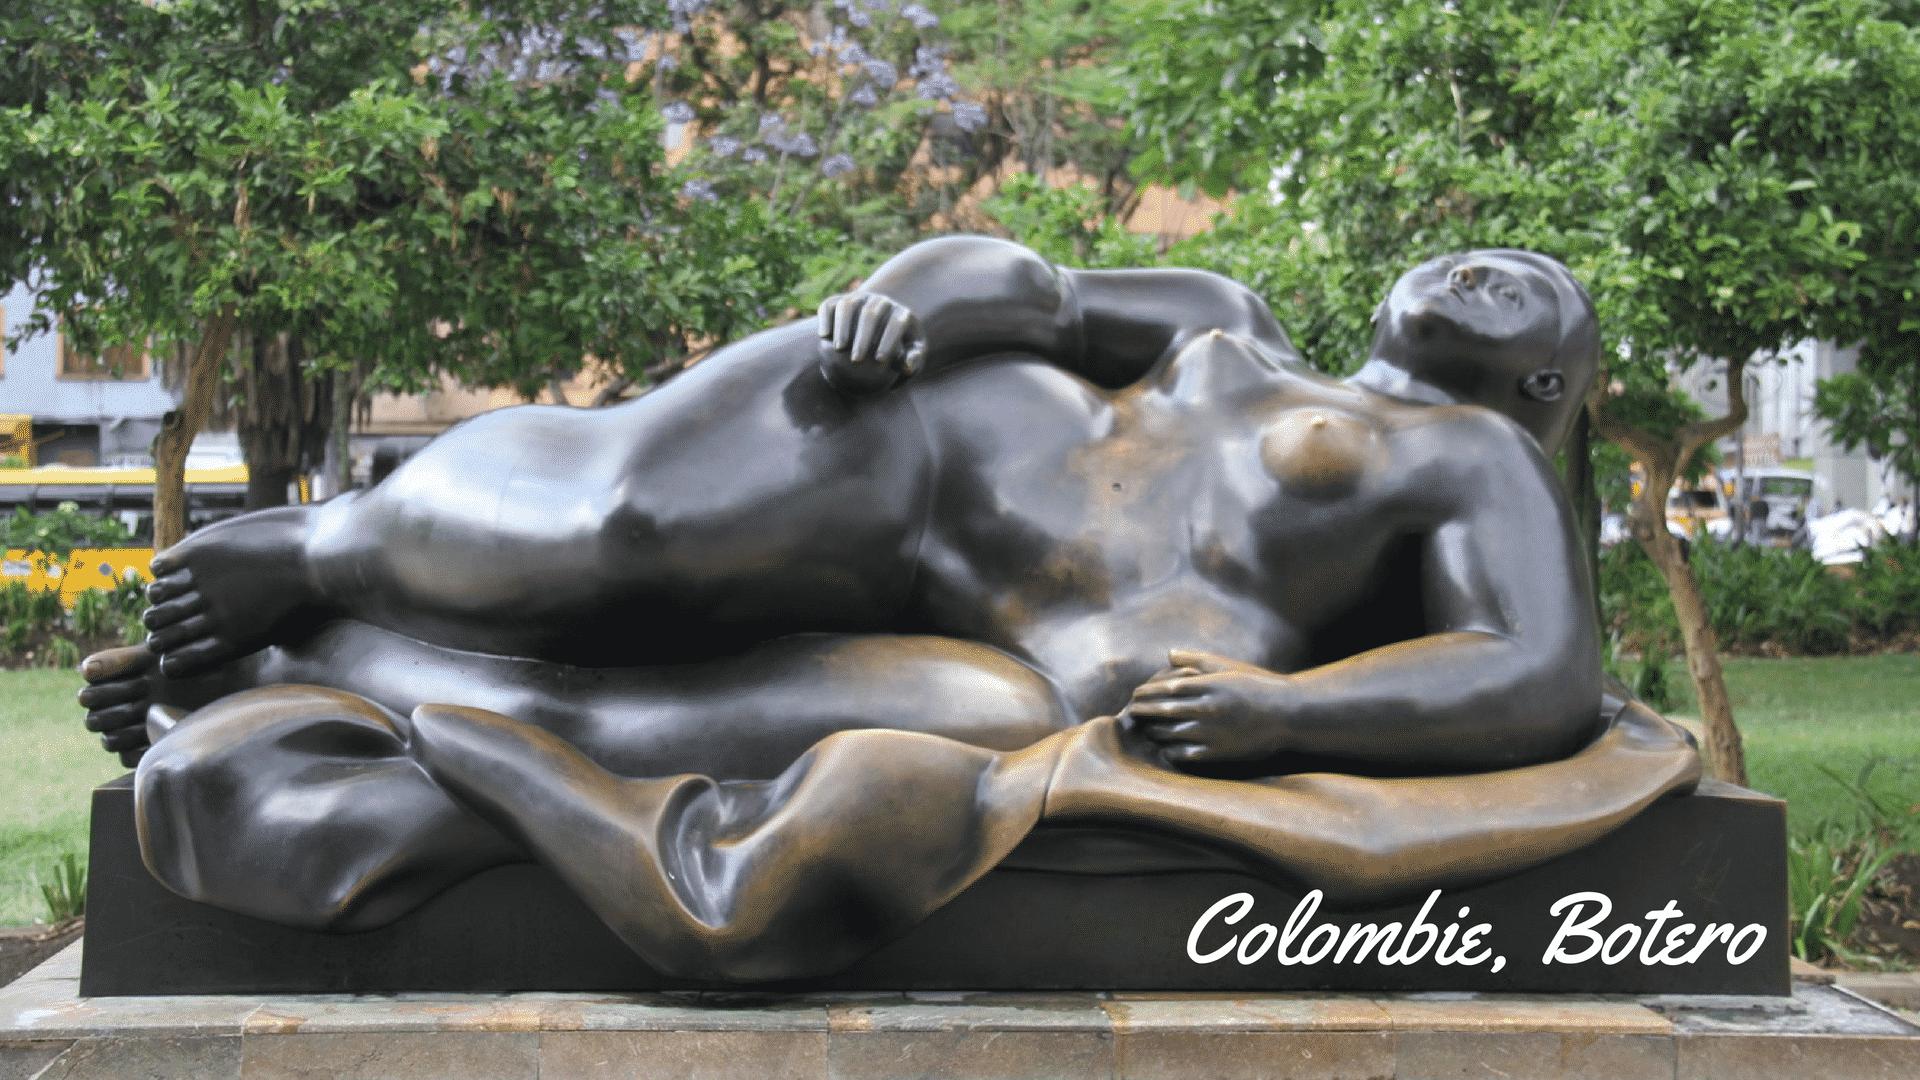 Découvrir La Colombie à Travers Les Oeuvres De Botero à Medellin